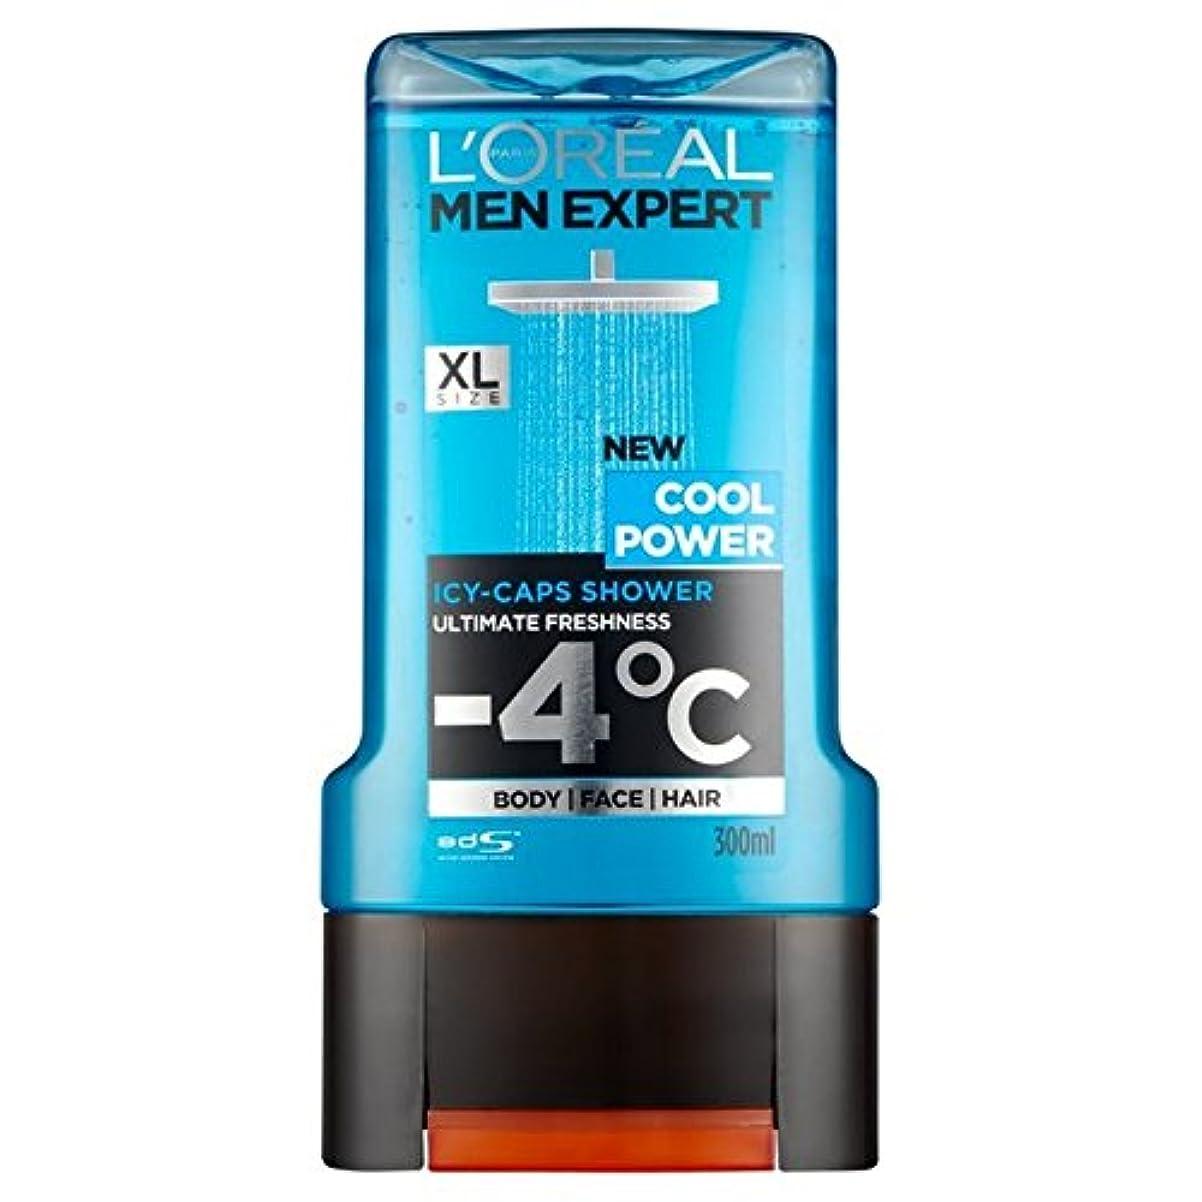 植物学者はいラケットロレアルパリの男性の専門家のクールなパワーシャワージェル300ミリリットル x4 - L'Oreal Paris Men Expert Cool Power Shower Gel 300ml (Pack of 4) [並行輸入品]